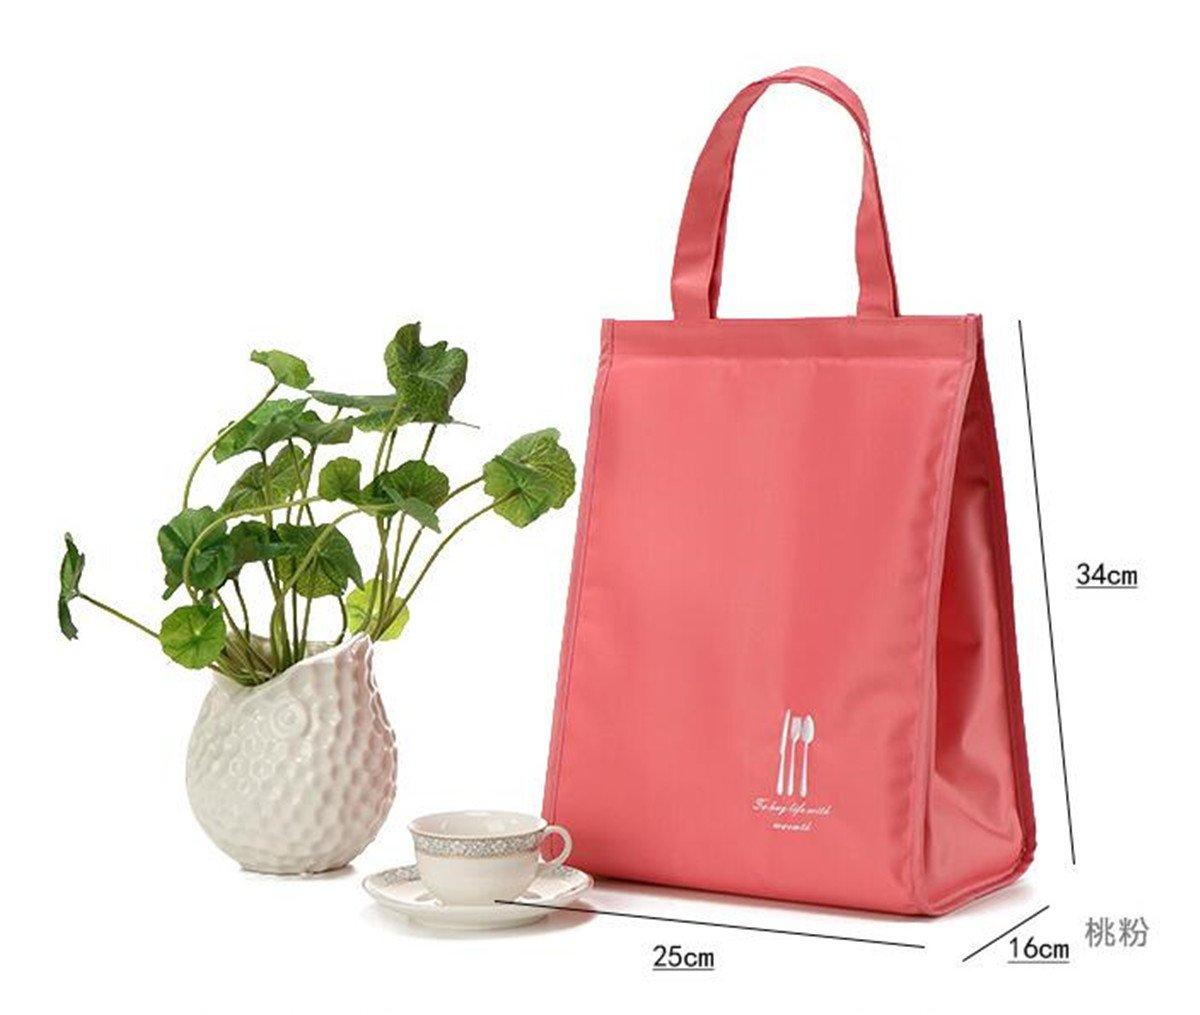 Ihclink impermeabile lunch bag/ Blue per donne e uomini Girls adulti /Insulated reusable lunch Tote organizer bag//grande capacit/à lunch box pieghevole pranzo termica